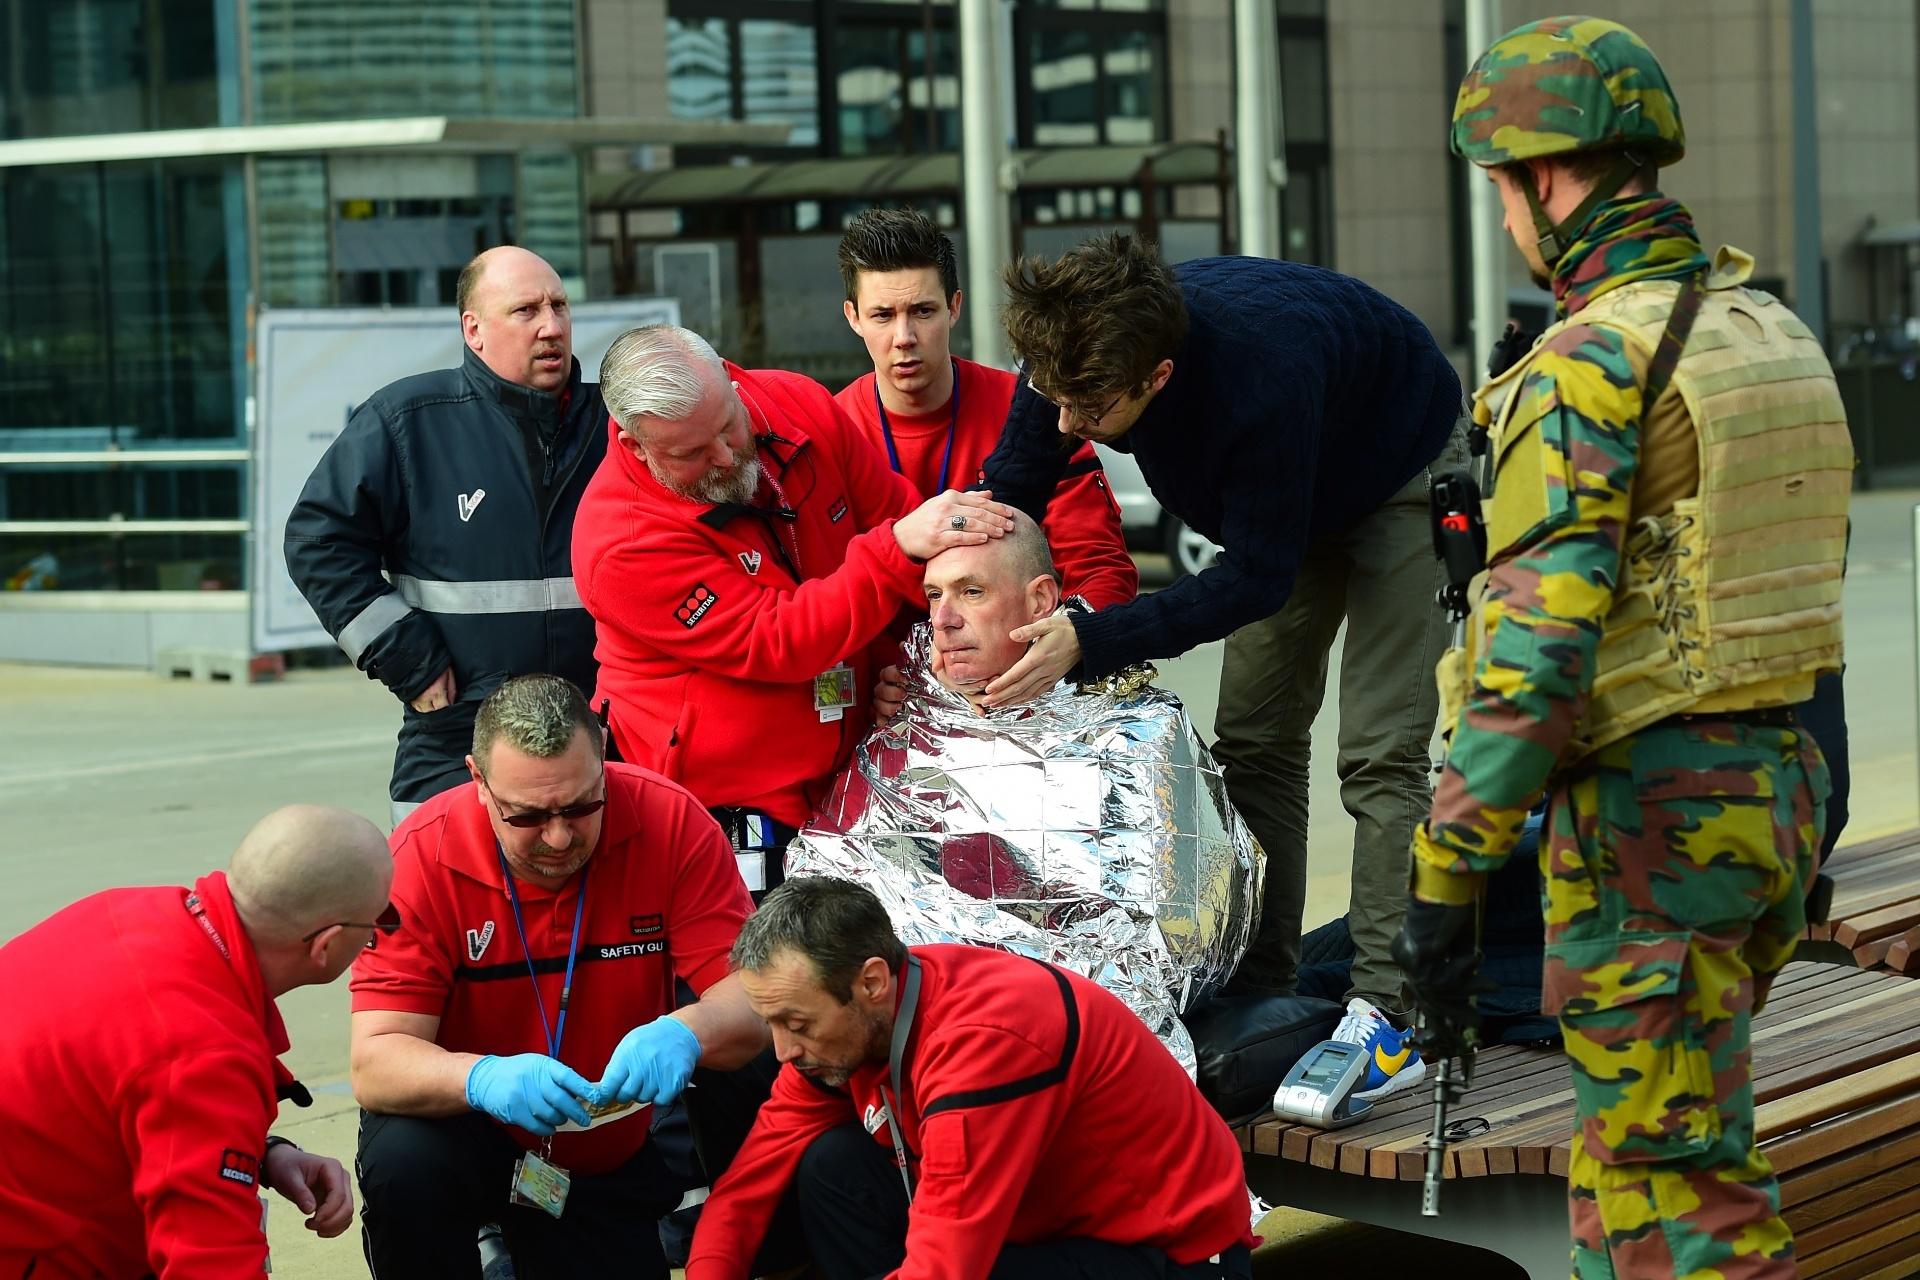 22.mar.2016 - Vítima é atendida nos arredores da estação Maalbeek, um dos alvos do atentado terrorista que atingiu a capital da Bélgica e sede da União Europeia, Bruxelas, na manhã desta terça-feira